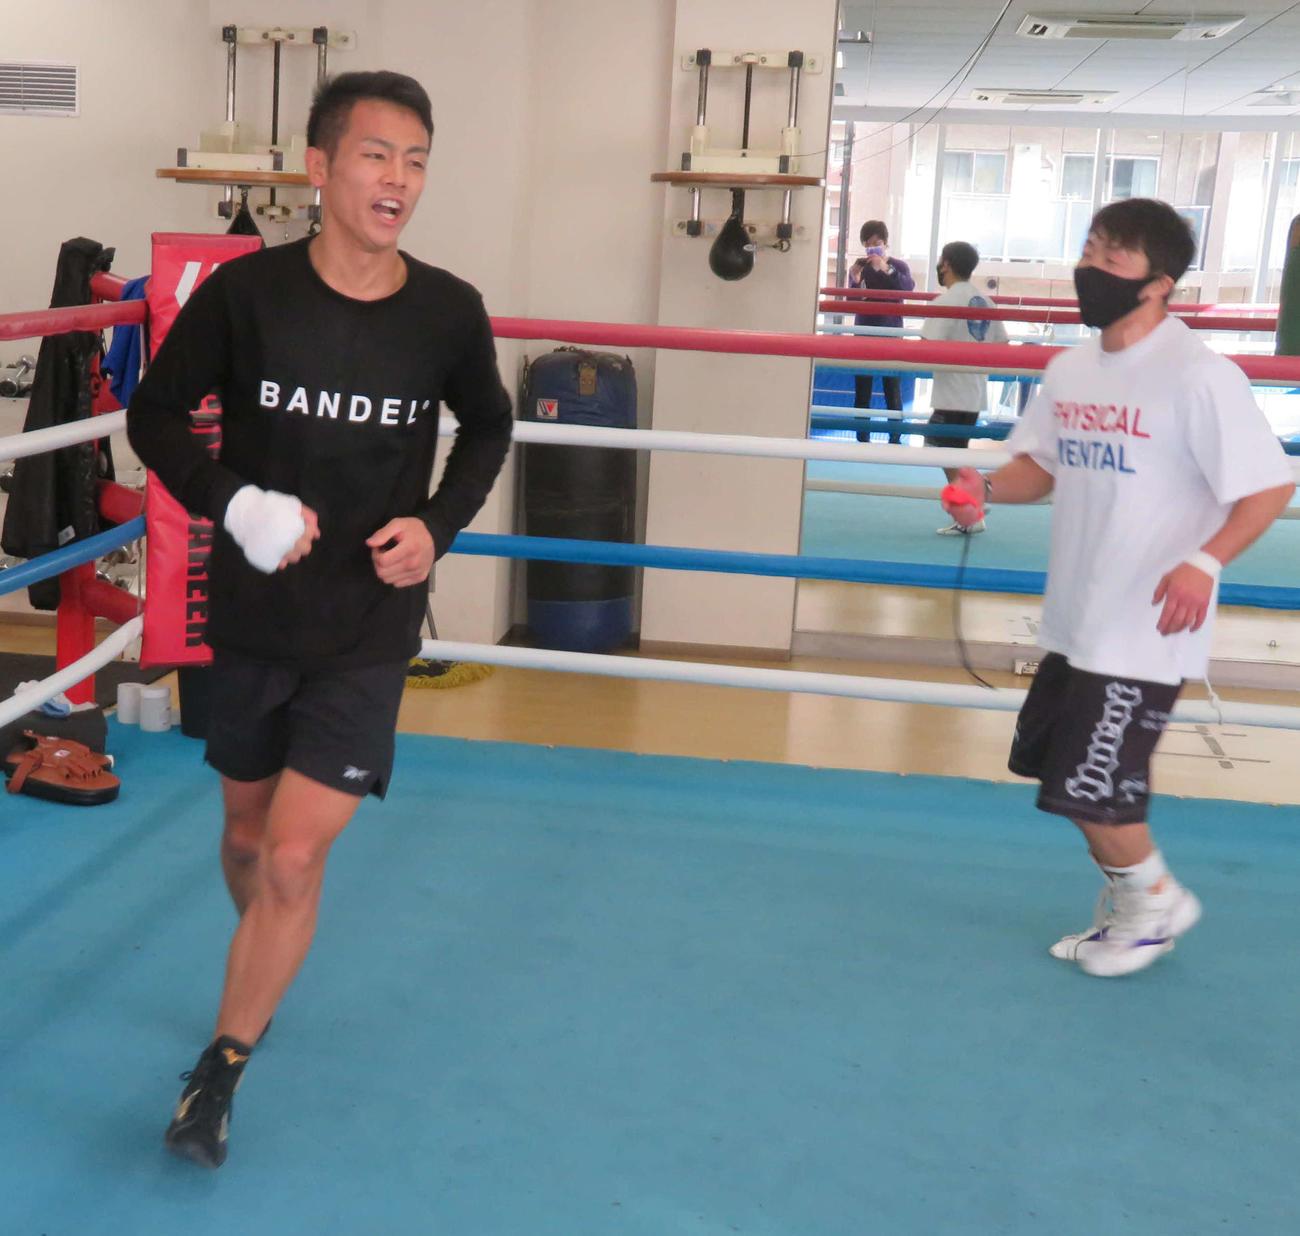 2週間後のボクシングデビュー戦を控え、八重樫トレーナー(右)の指導で下半身強化のメニューをこなす元K-1スーパーバンタム級王者の武居